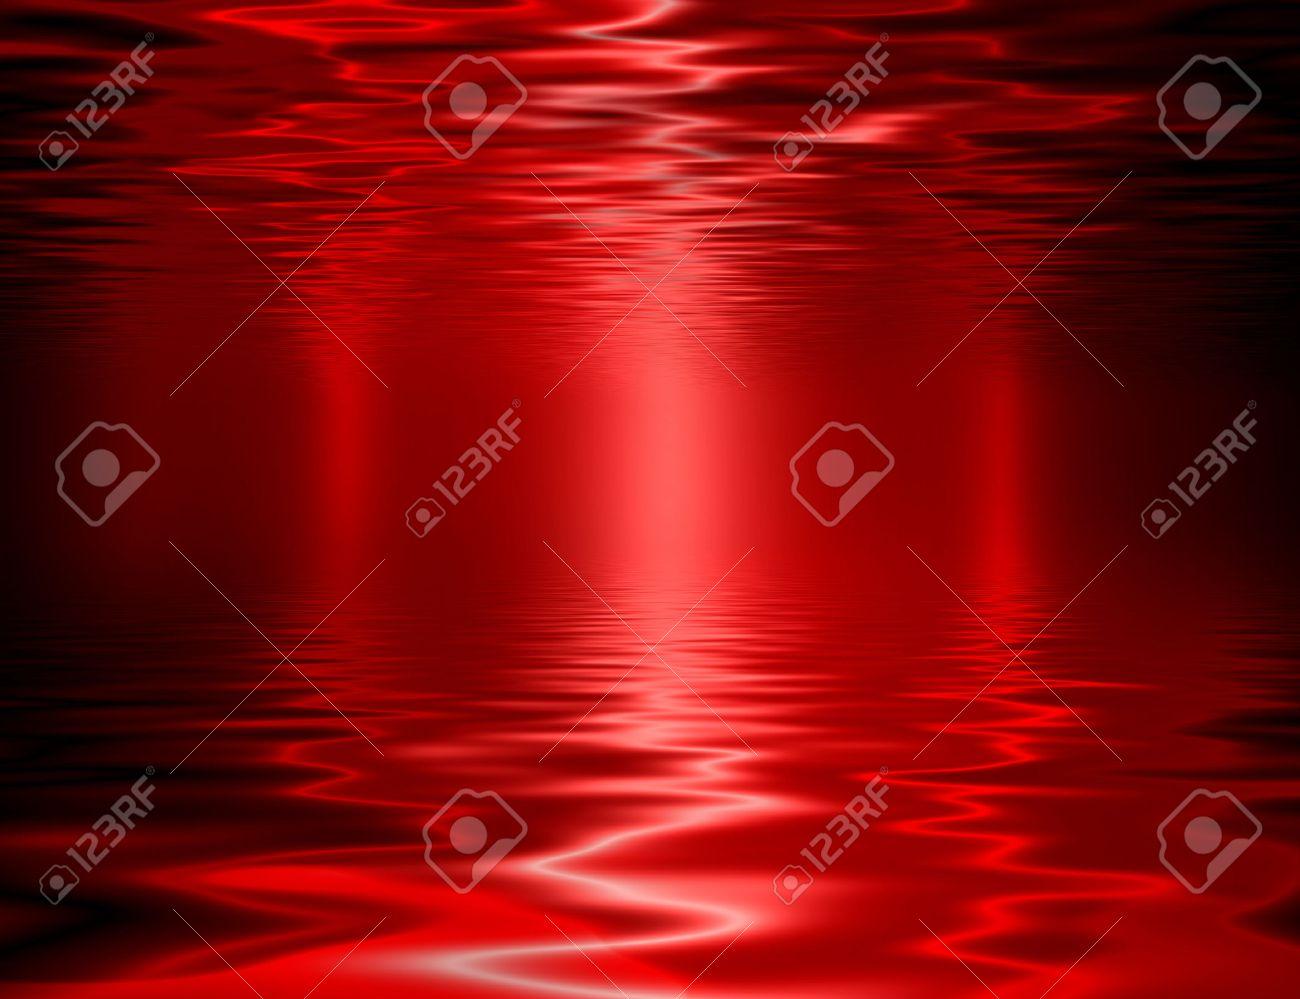 Liquid metal texture, red metallic background. - 66089384